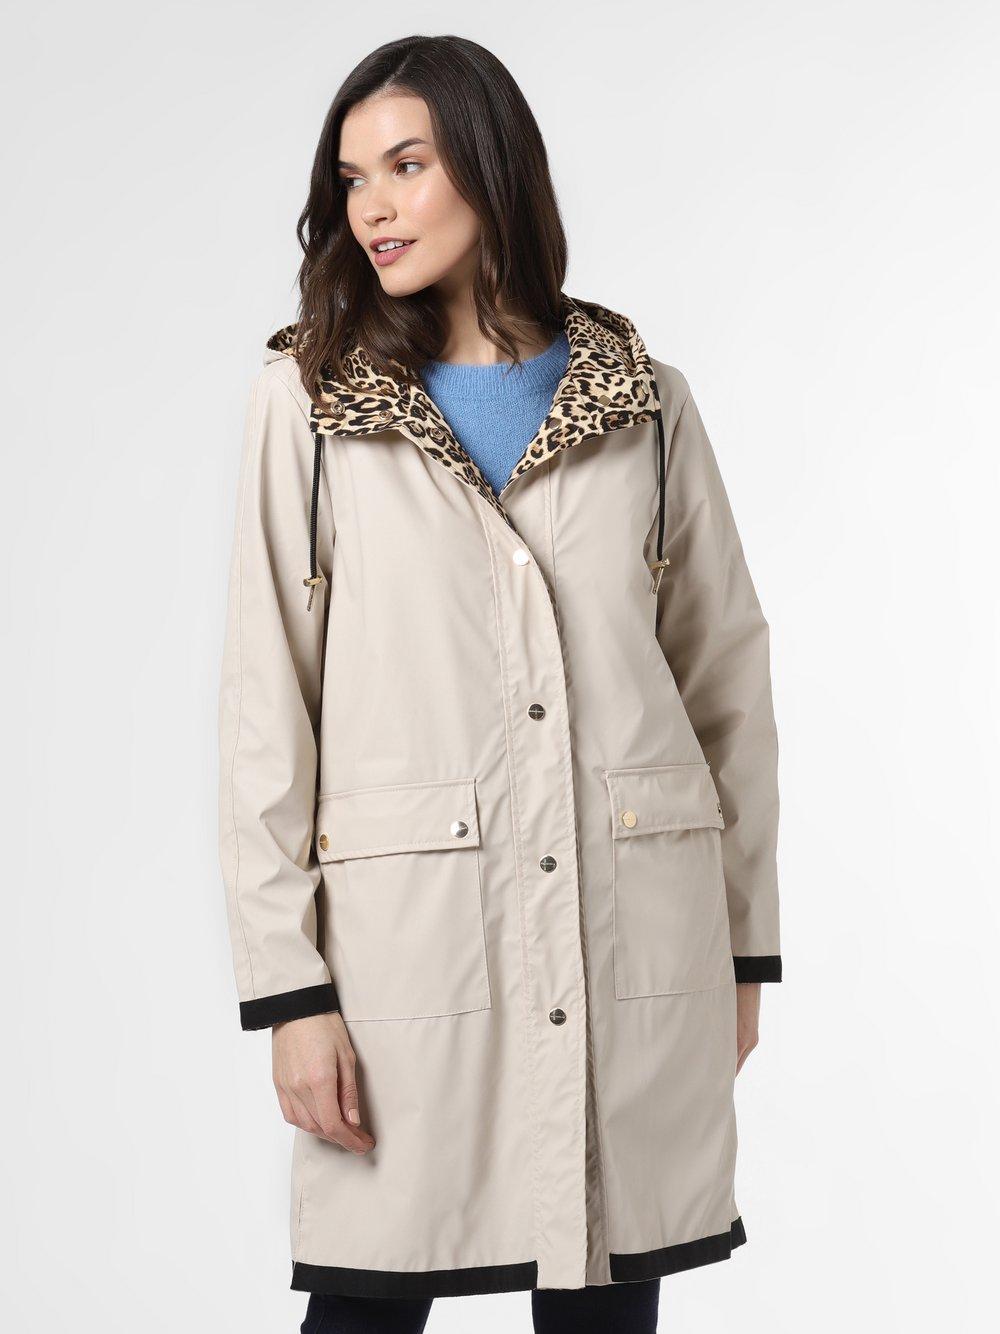 Rino & Pelle - Damski płaszcz dwustronny – Caramba, beżowy